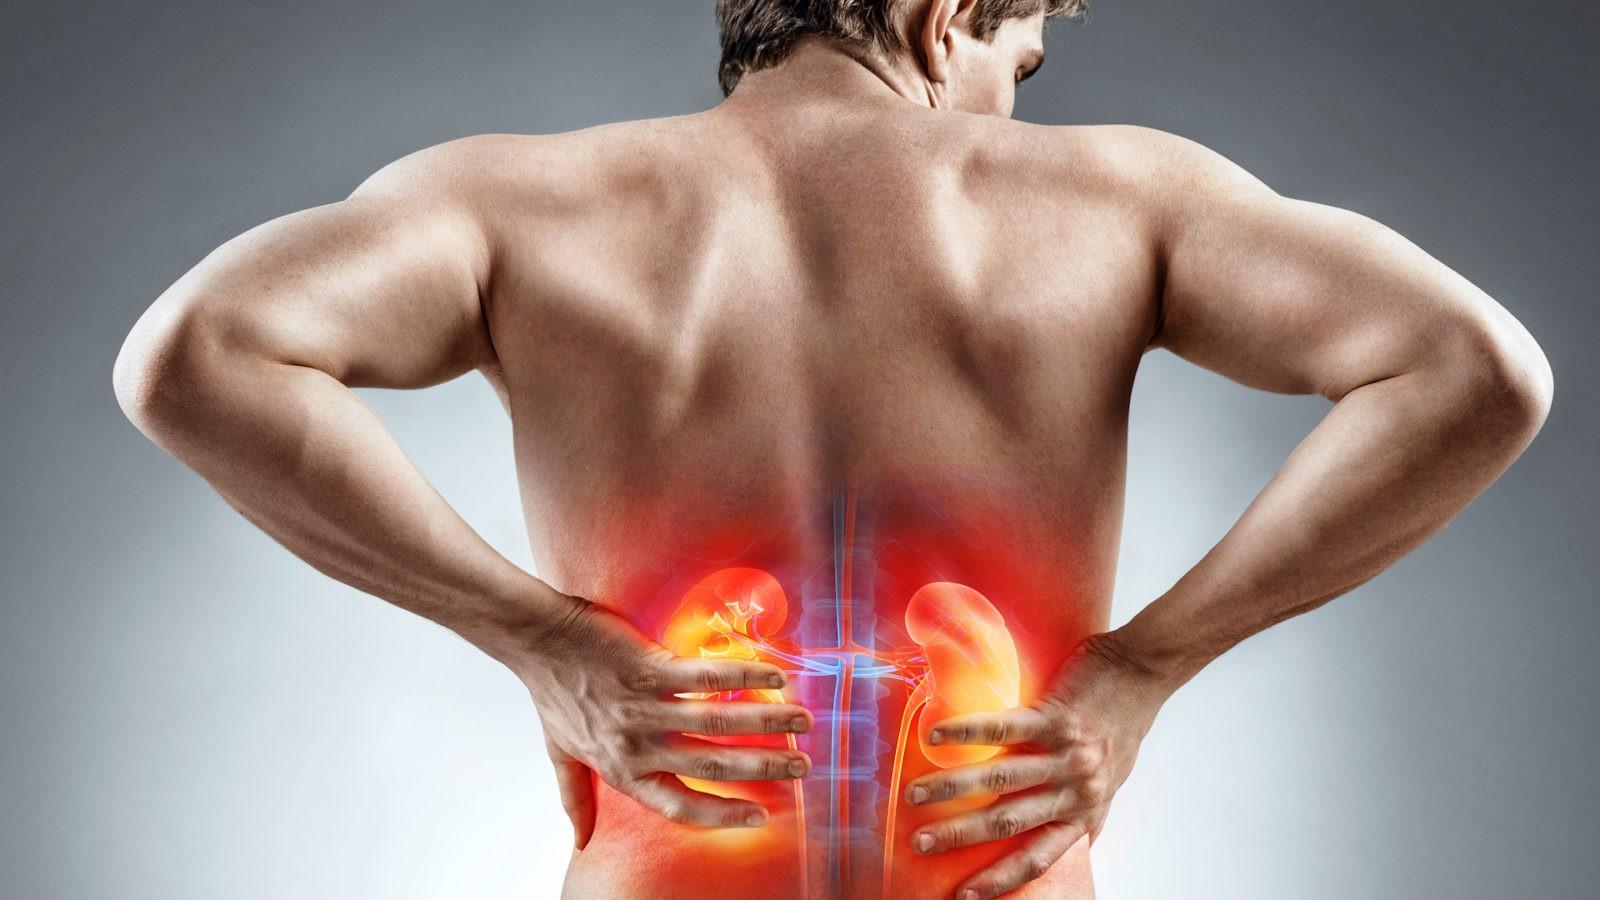 Когда отказали почки: особенности лечения и диагностики